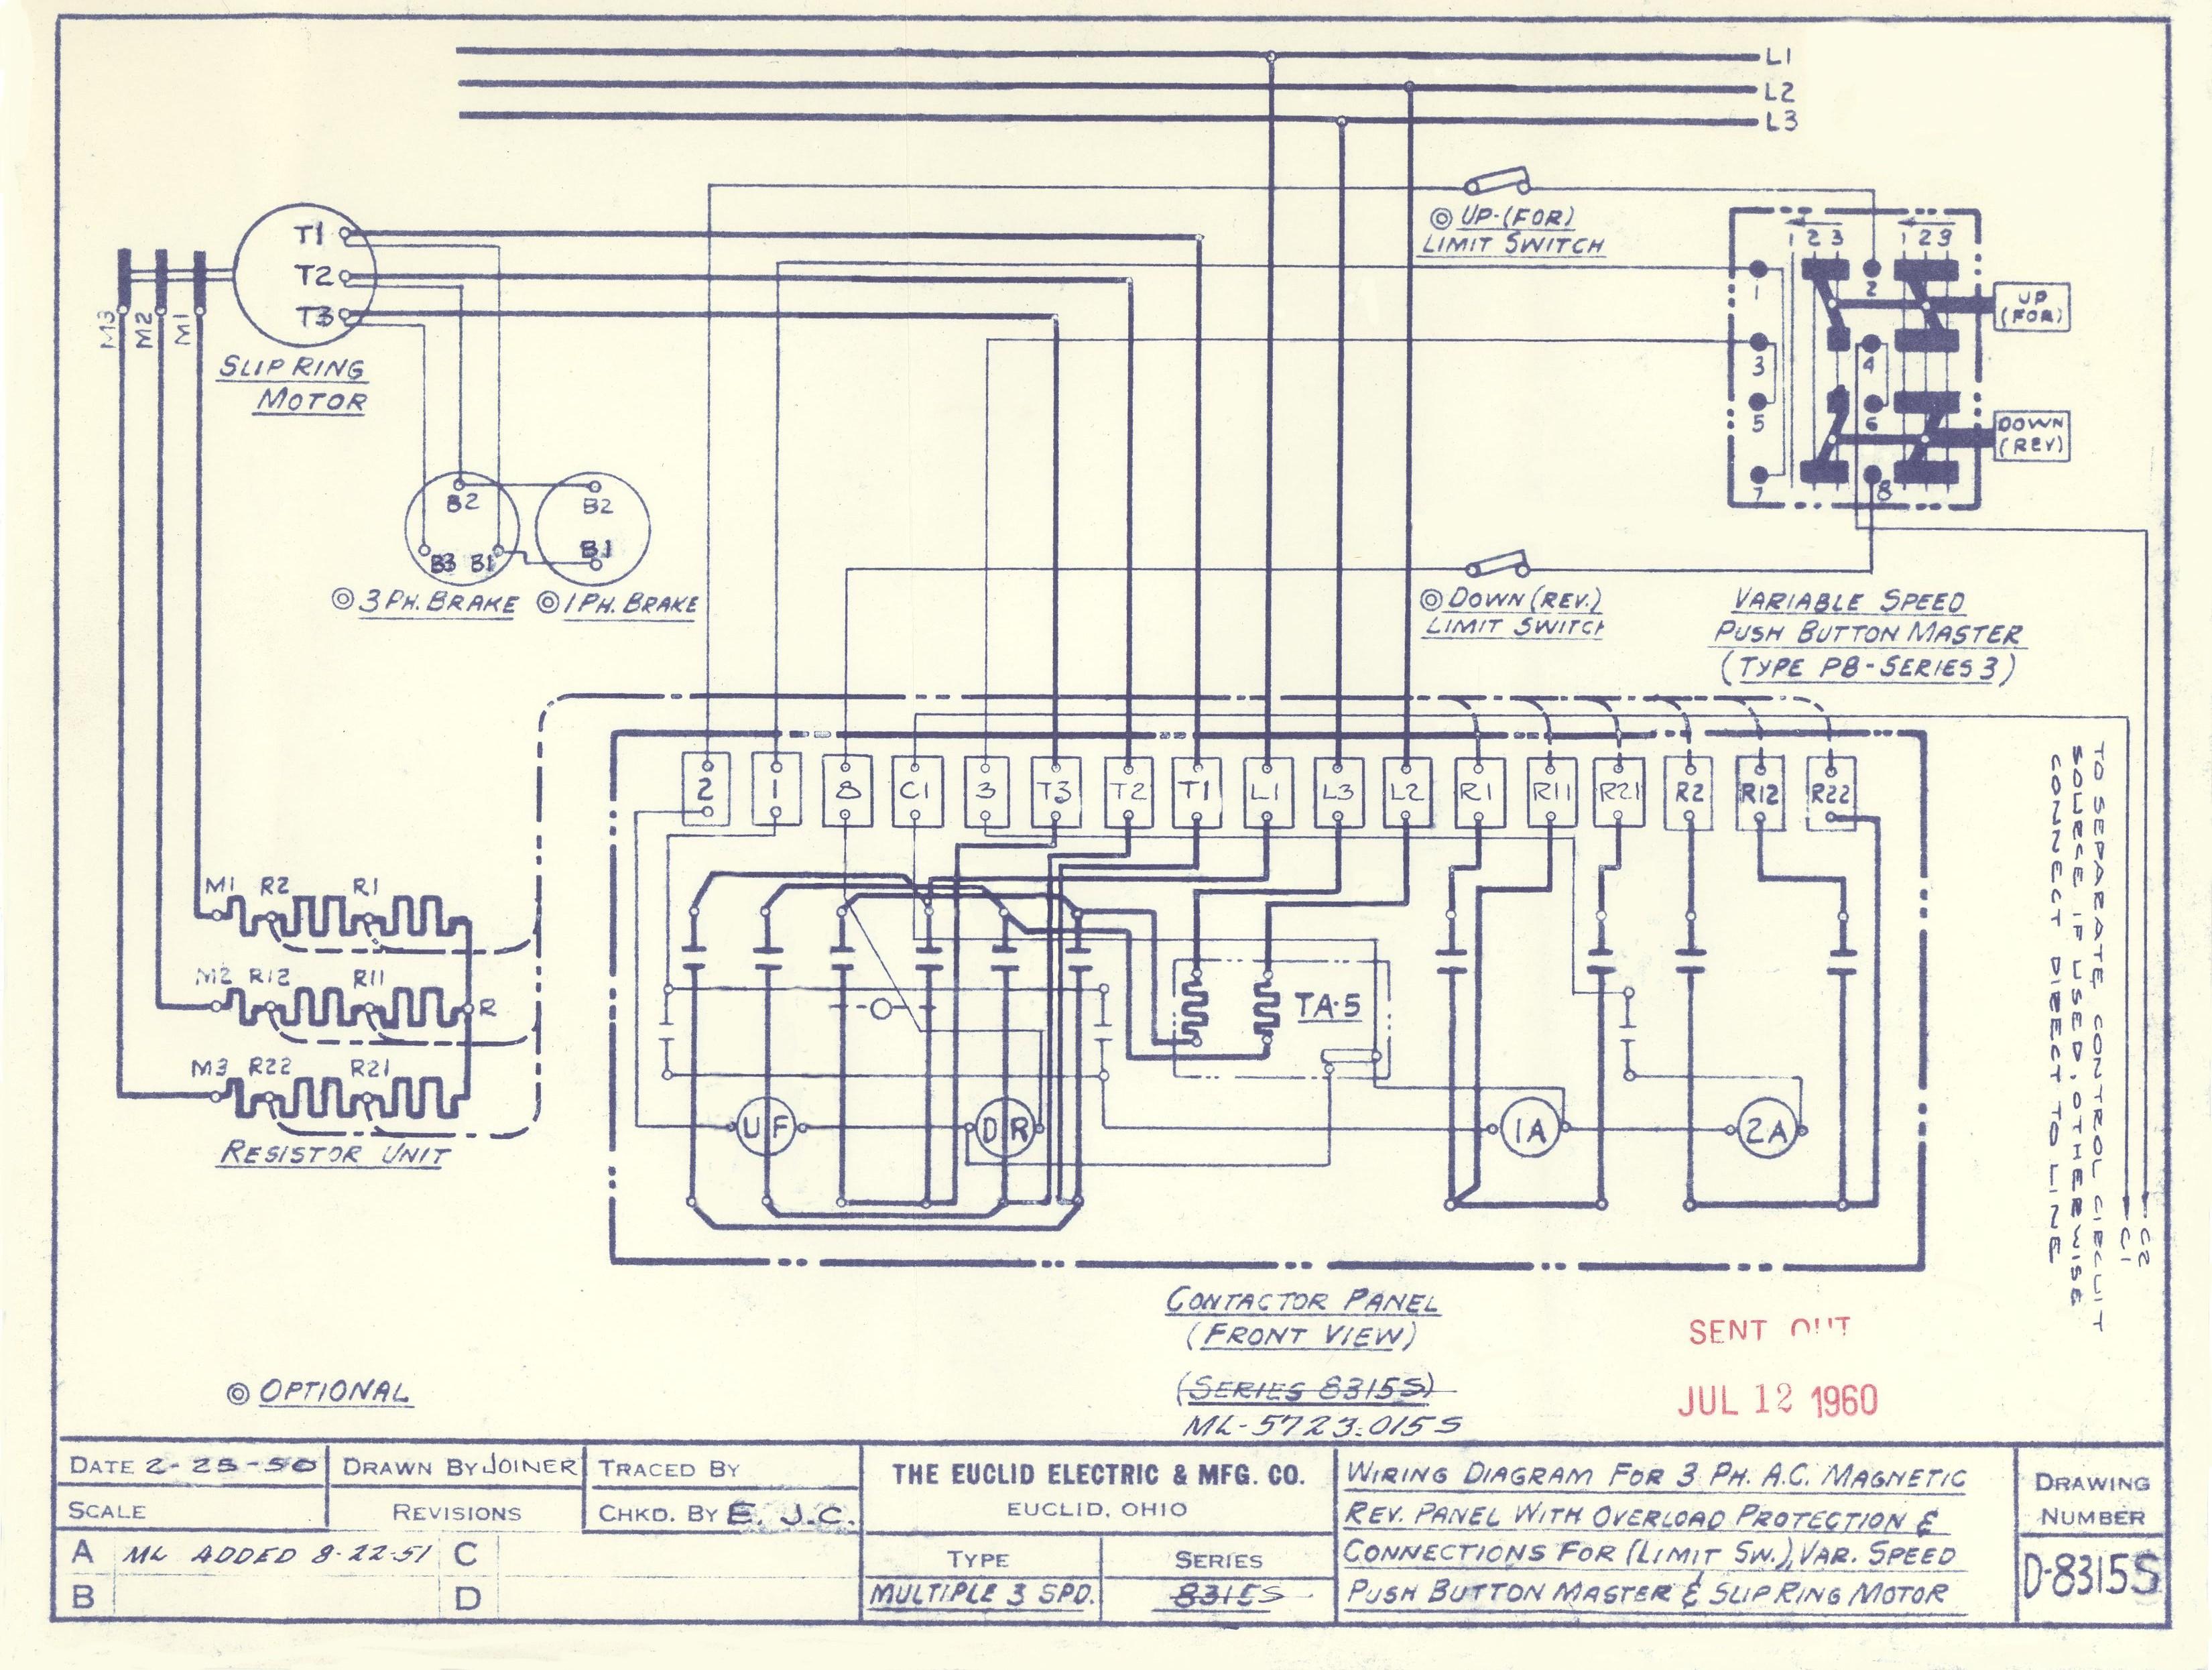 operations manuals